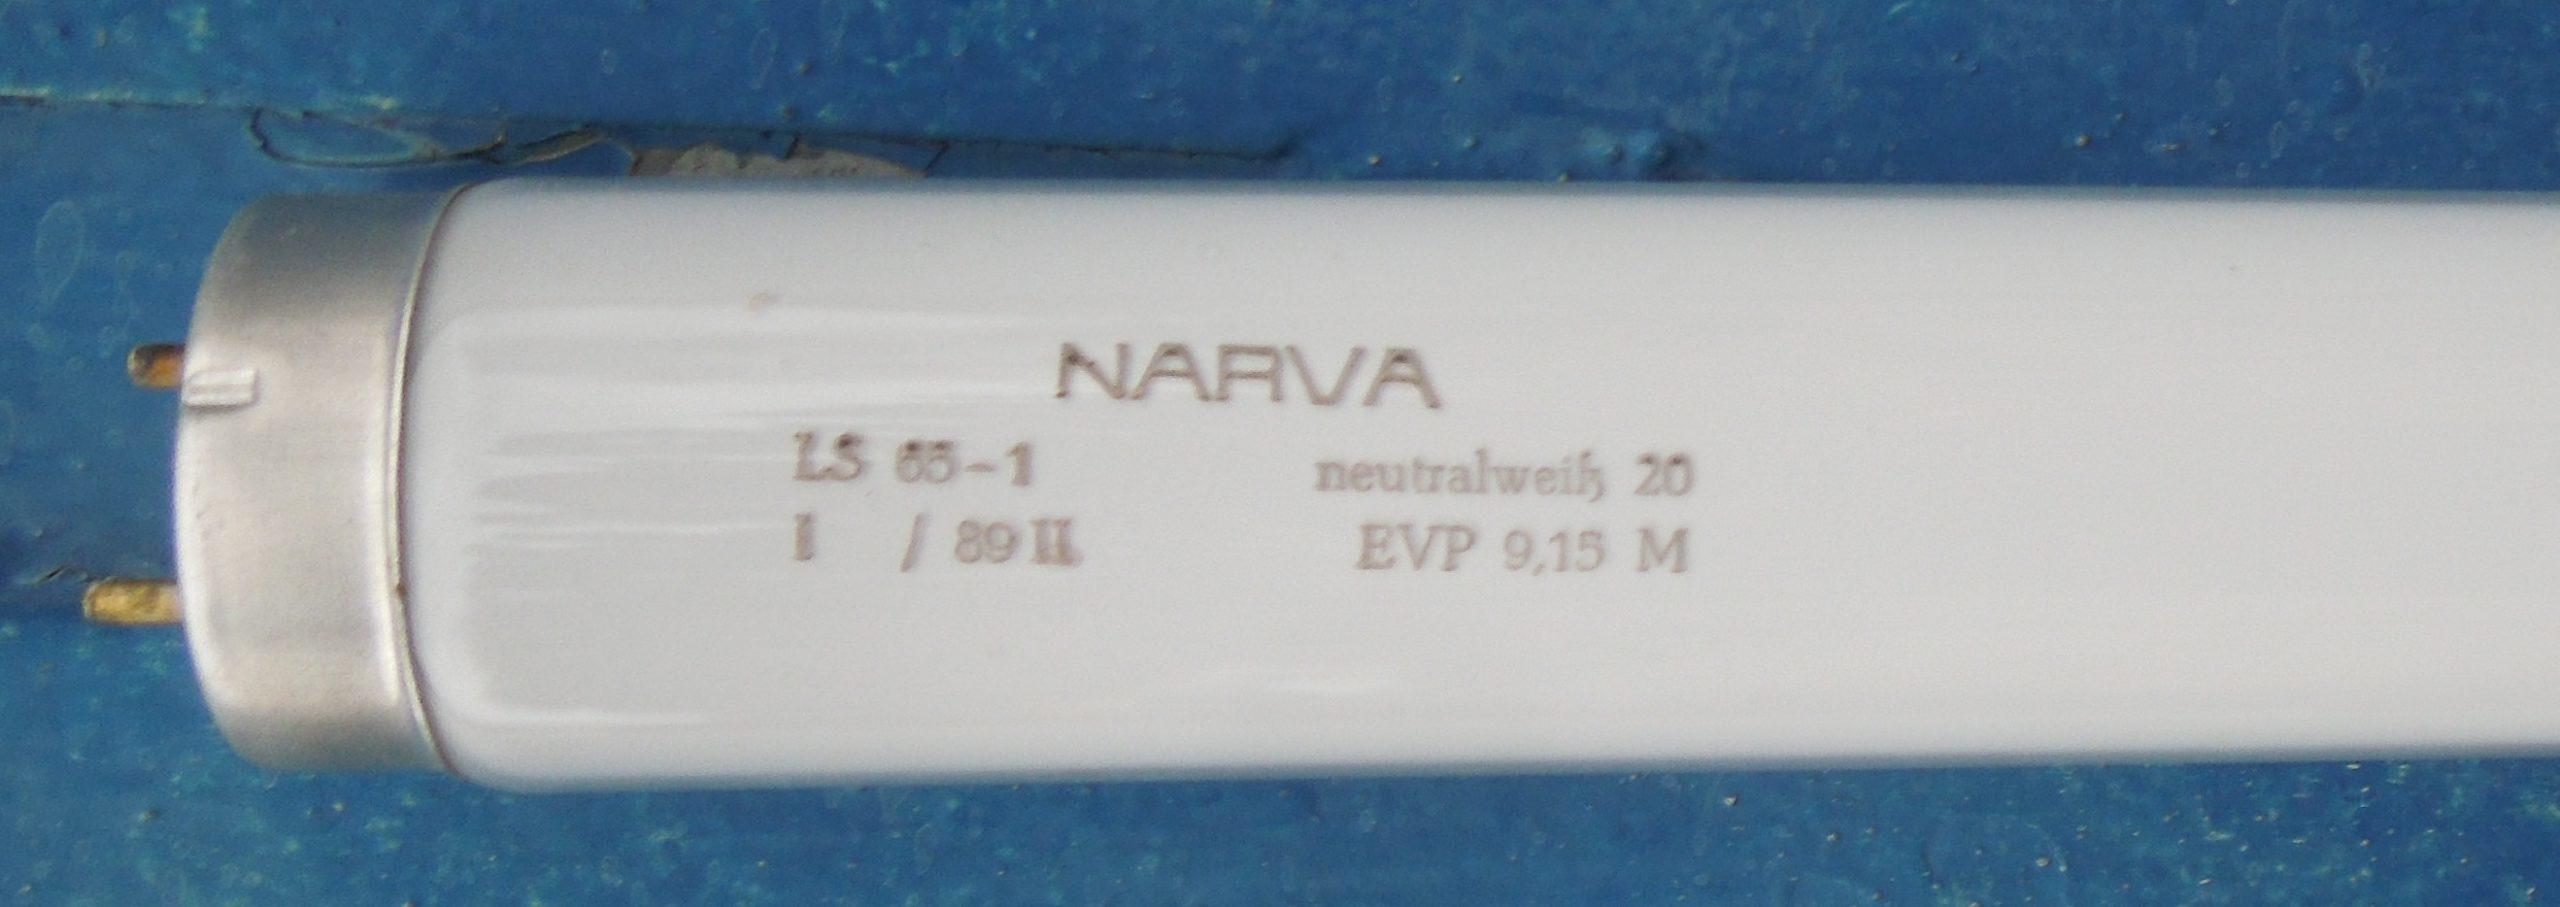 NARVA Leuchtstoffröhren LS 65-1